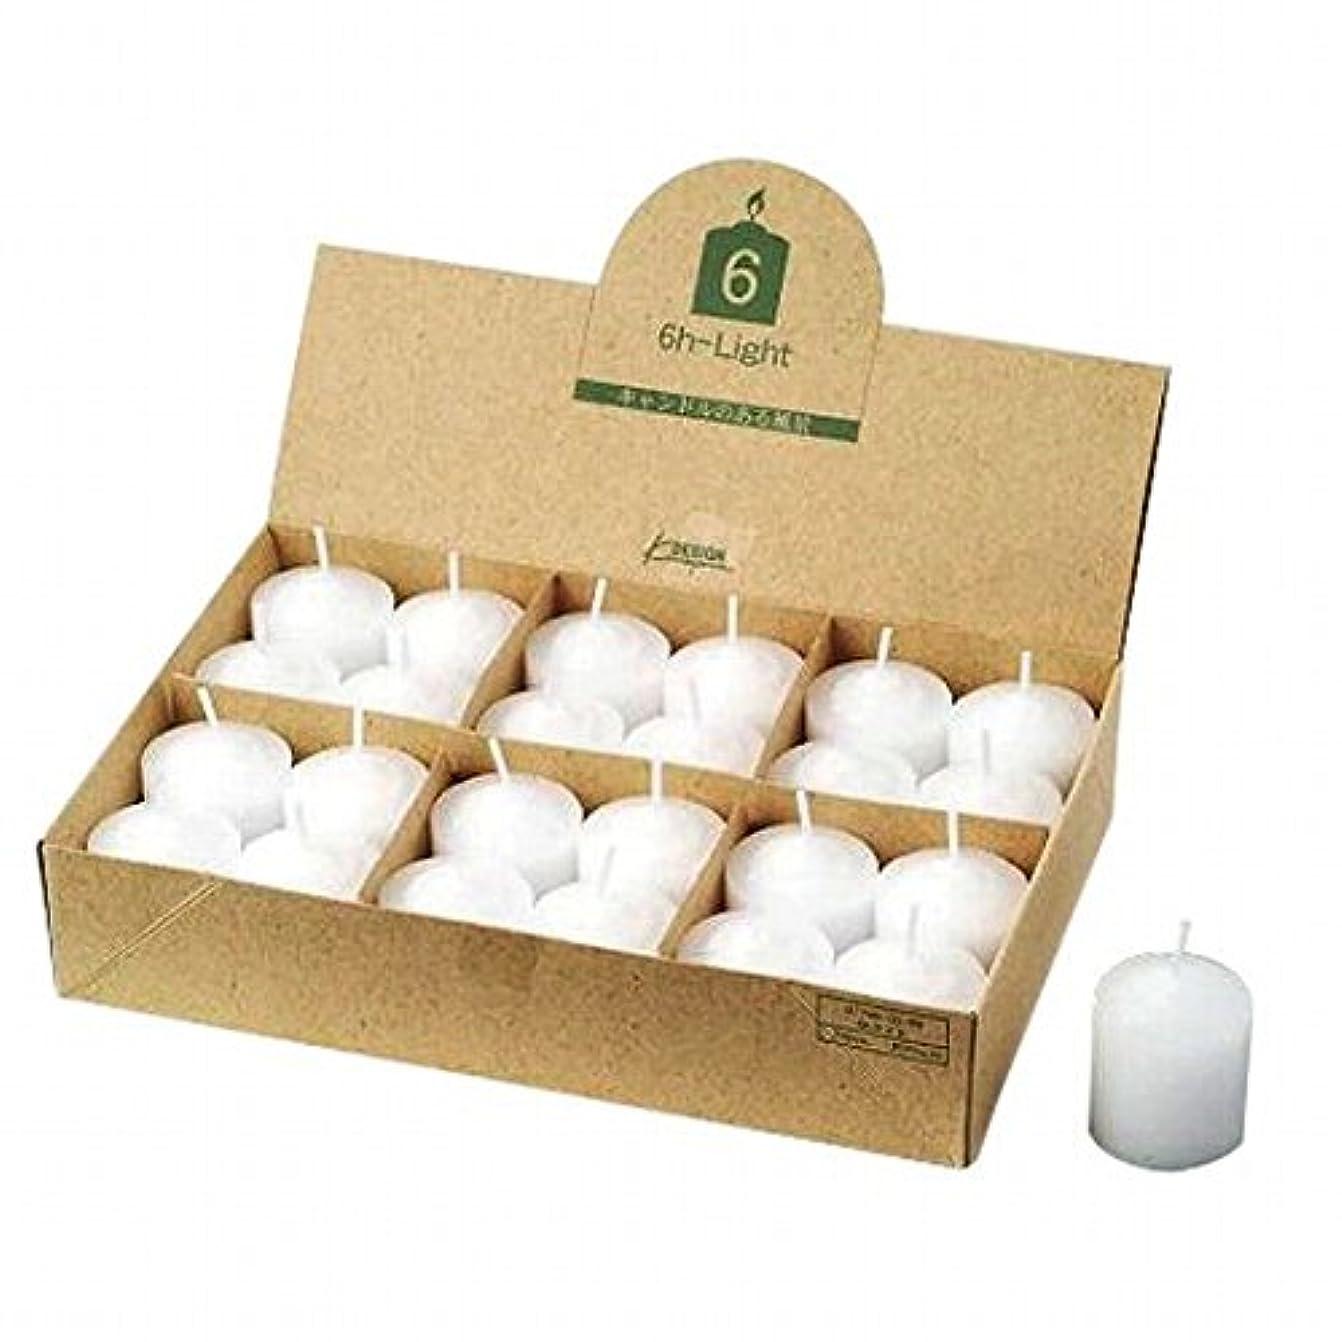 アドバンテージ卵トライアスリートカメヤマキャンドル(kameyama candle) 6Hライト(6時間タイプ)24個入り(日本製)